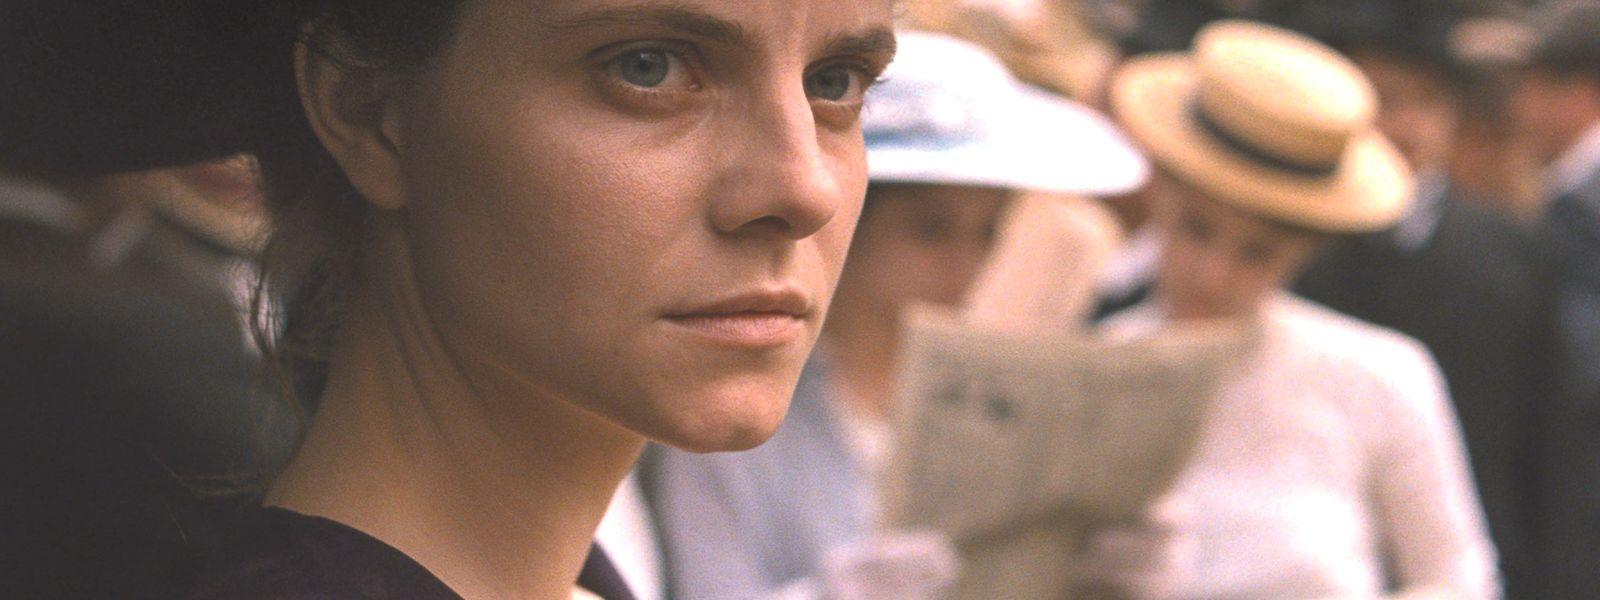 Irisz Leiter (Juli Jakab) veut percer le mystère de sa famille: une opération à risques.